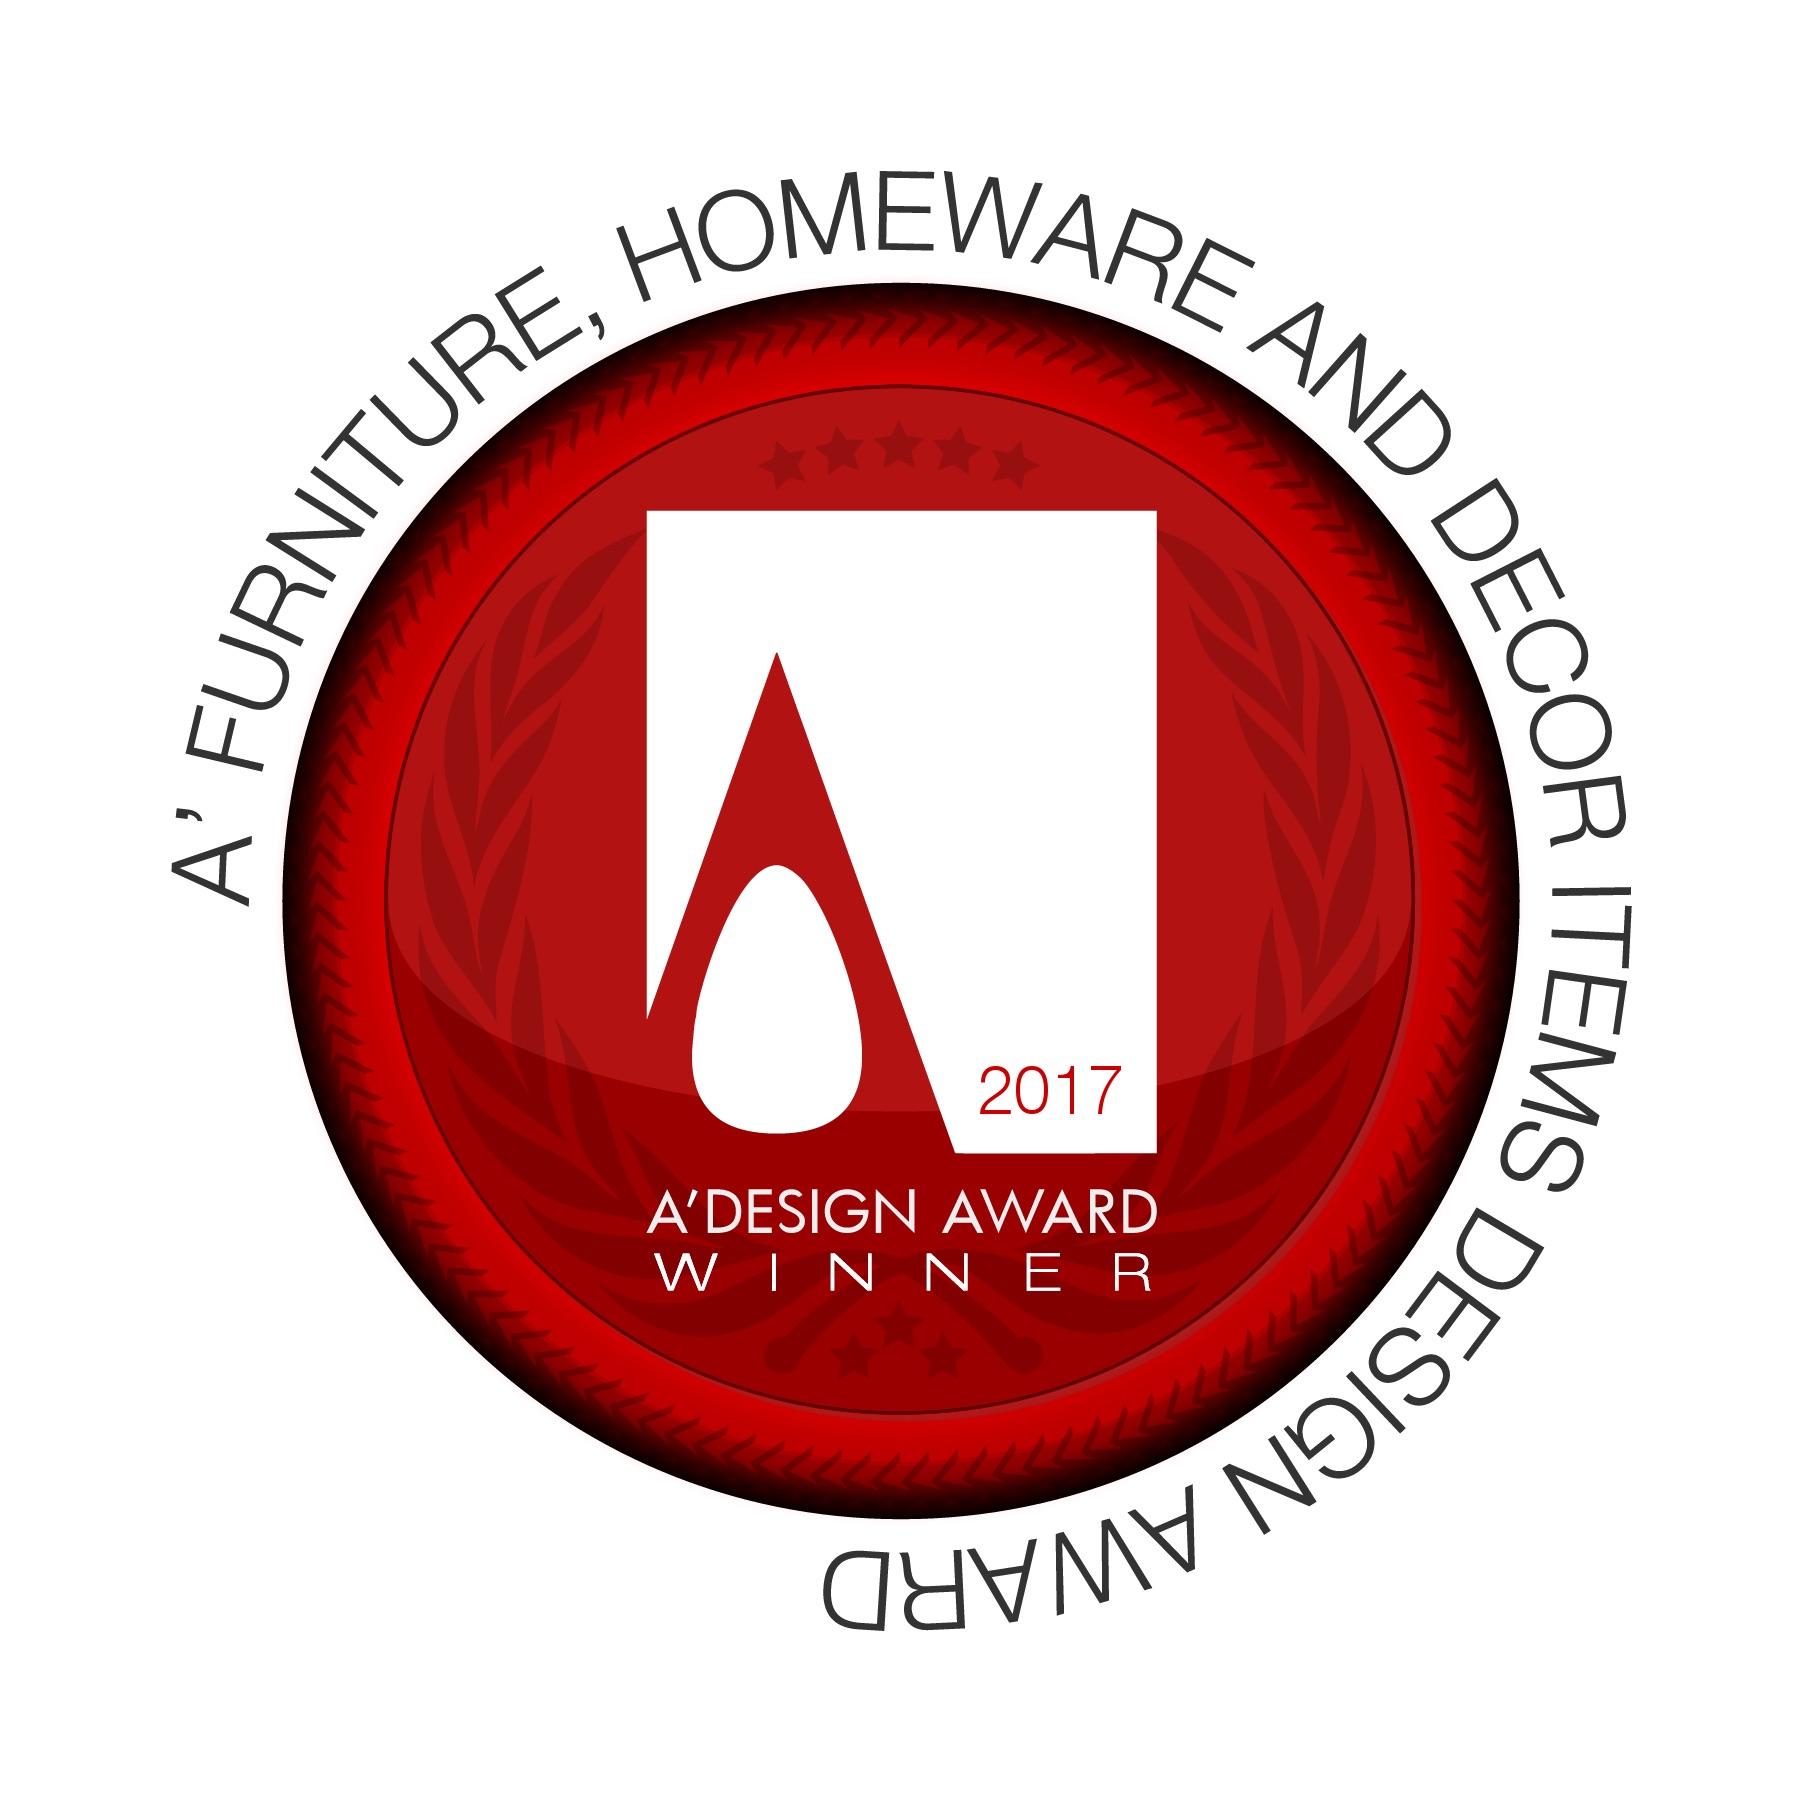 【受賞報告】かわり絵 座布団がA' Design Award 2017を受賞しました